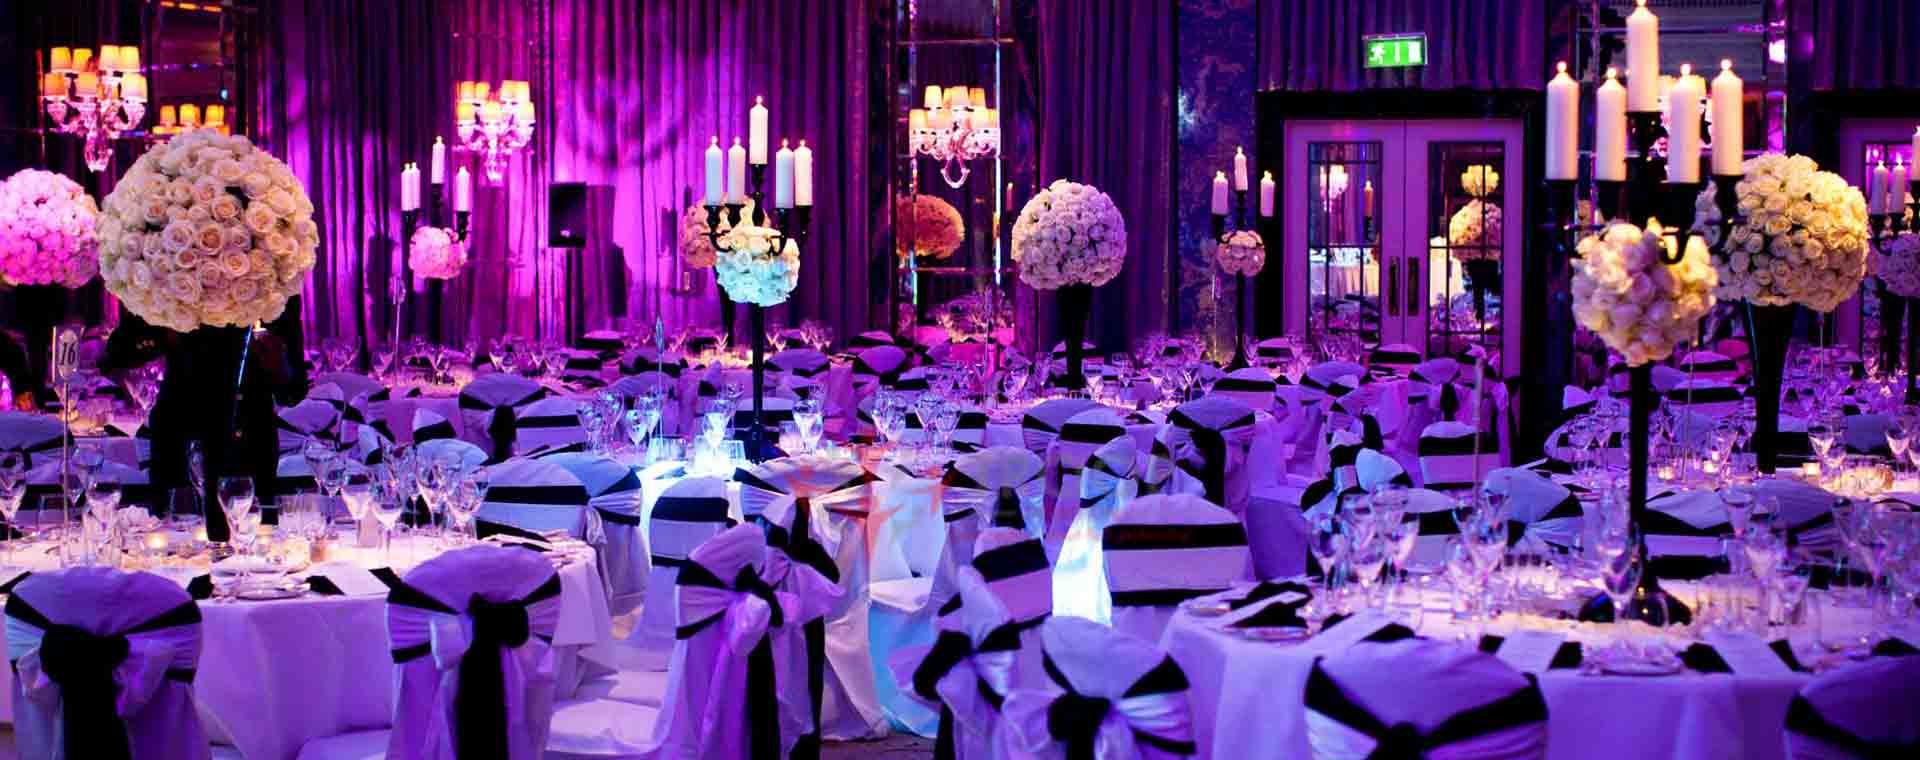 MICE Event Company in India